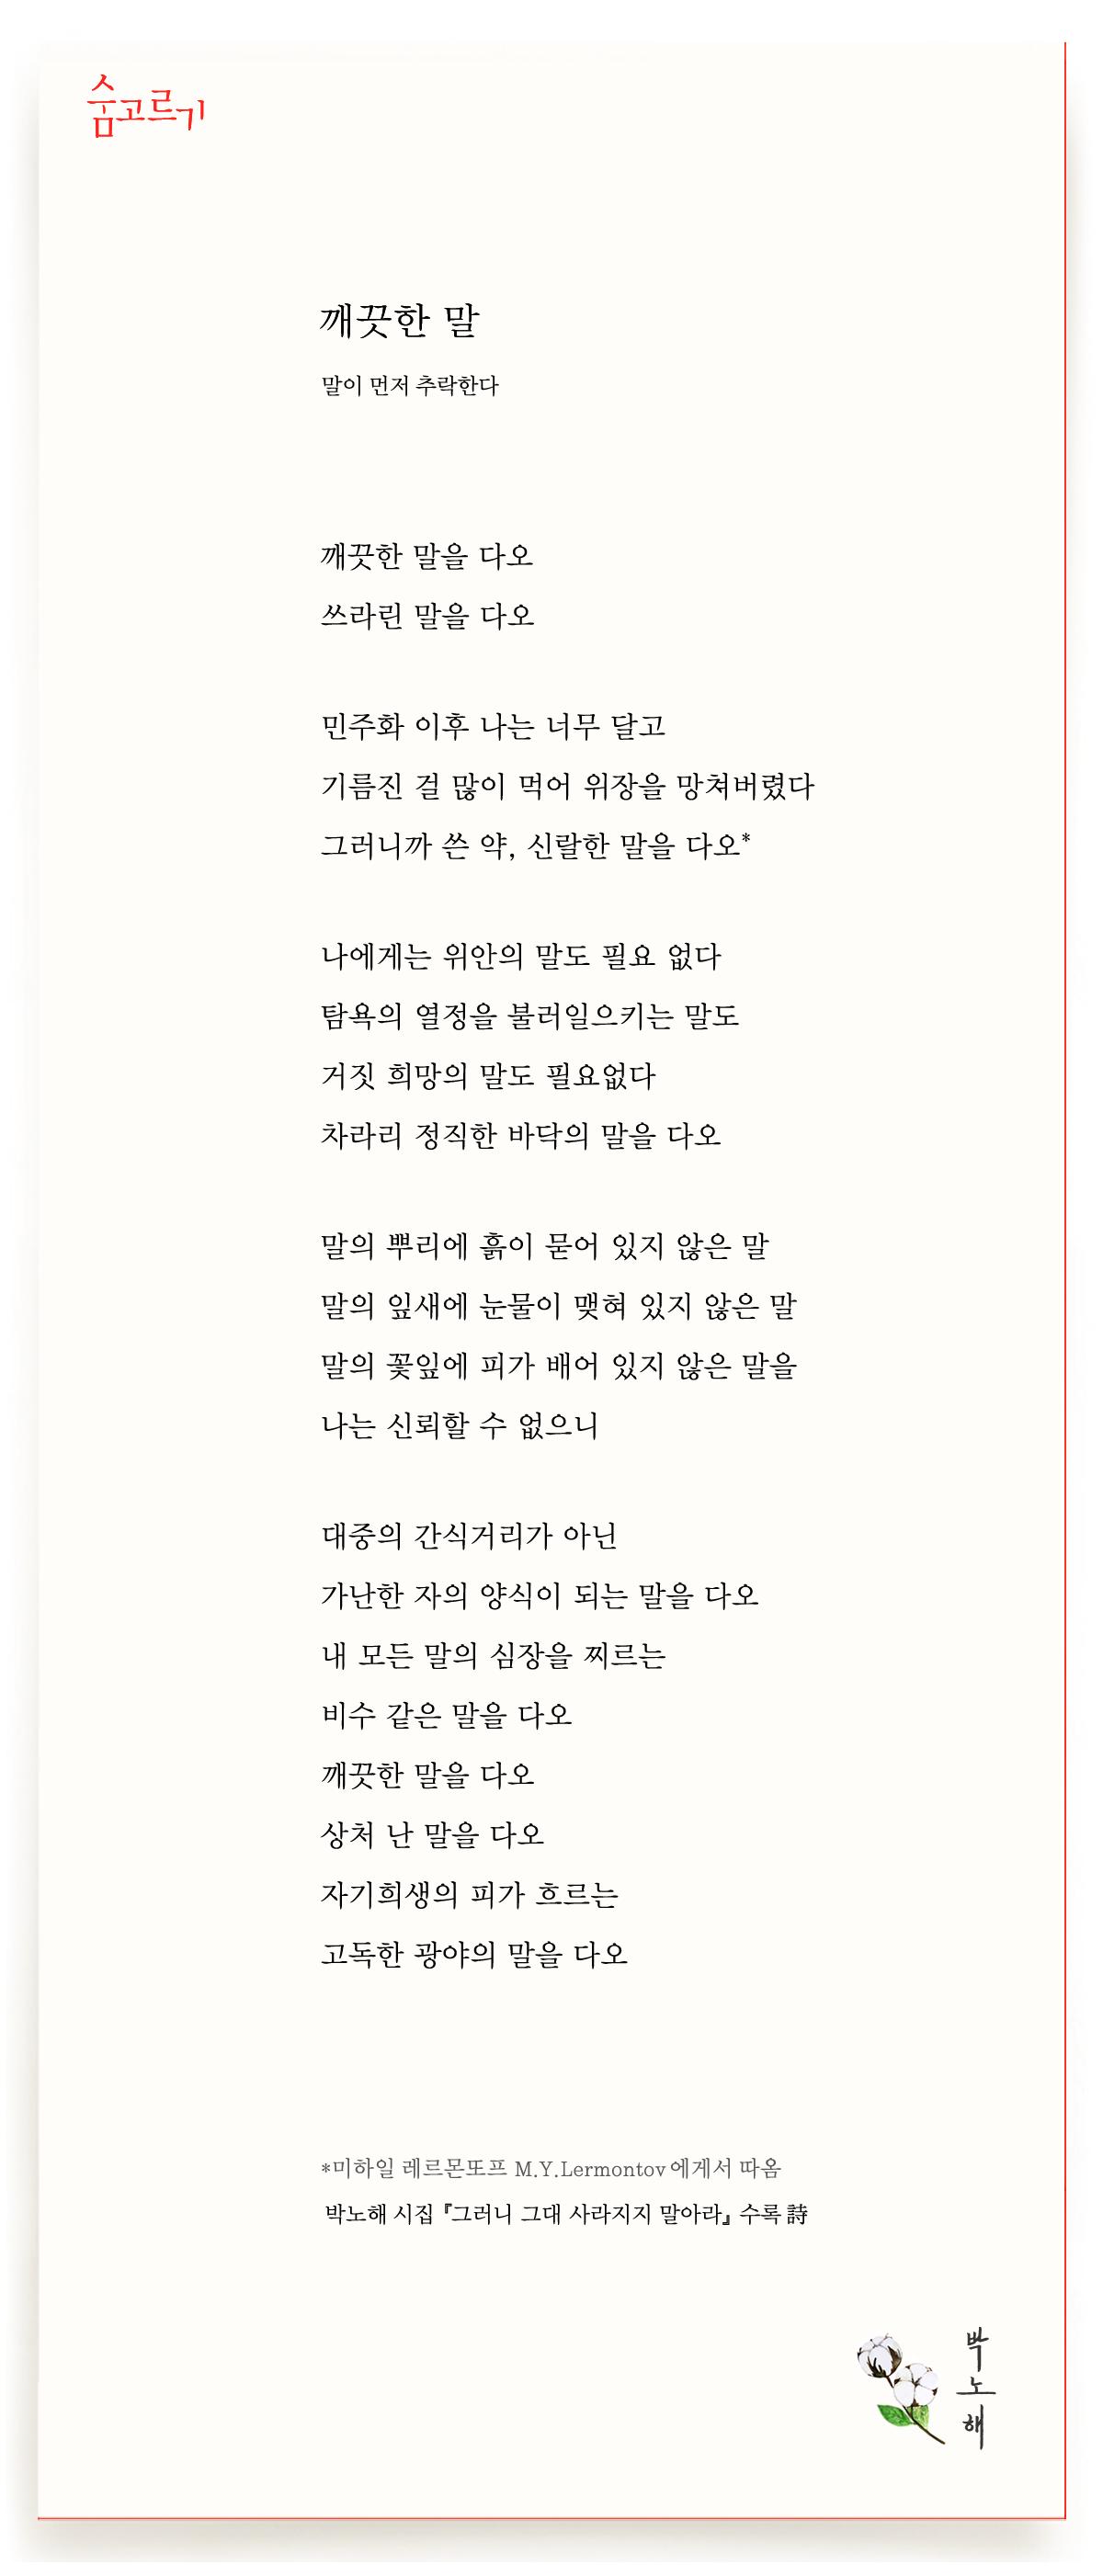 박노해의 숨고르기 깨끗한 말